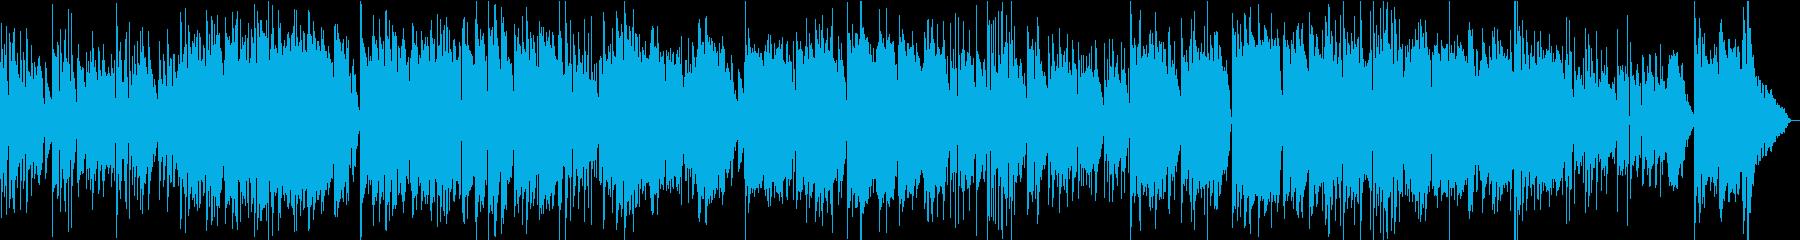 クリスマスクラシックの2つのアコー...の再生済みの波形